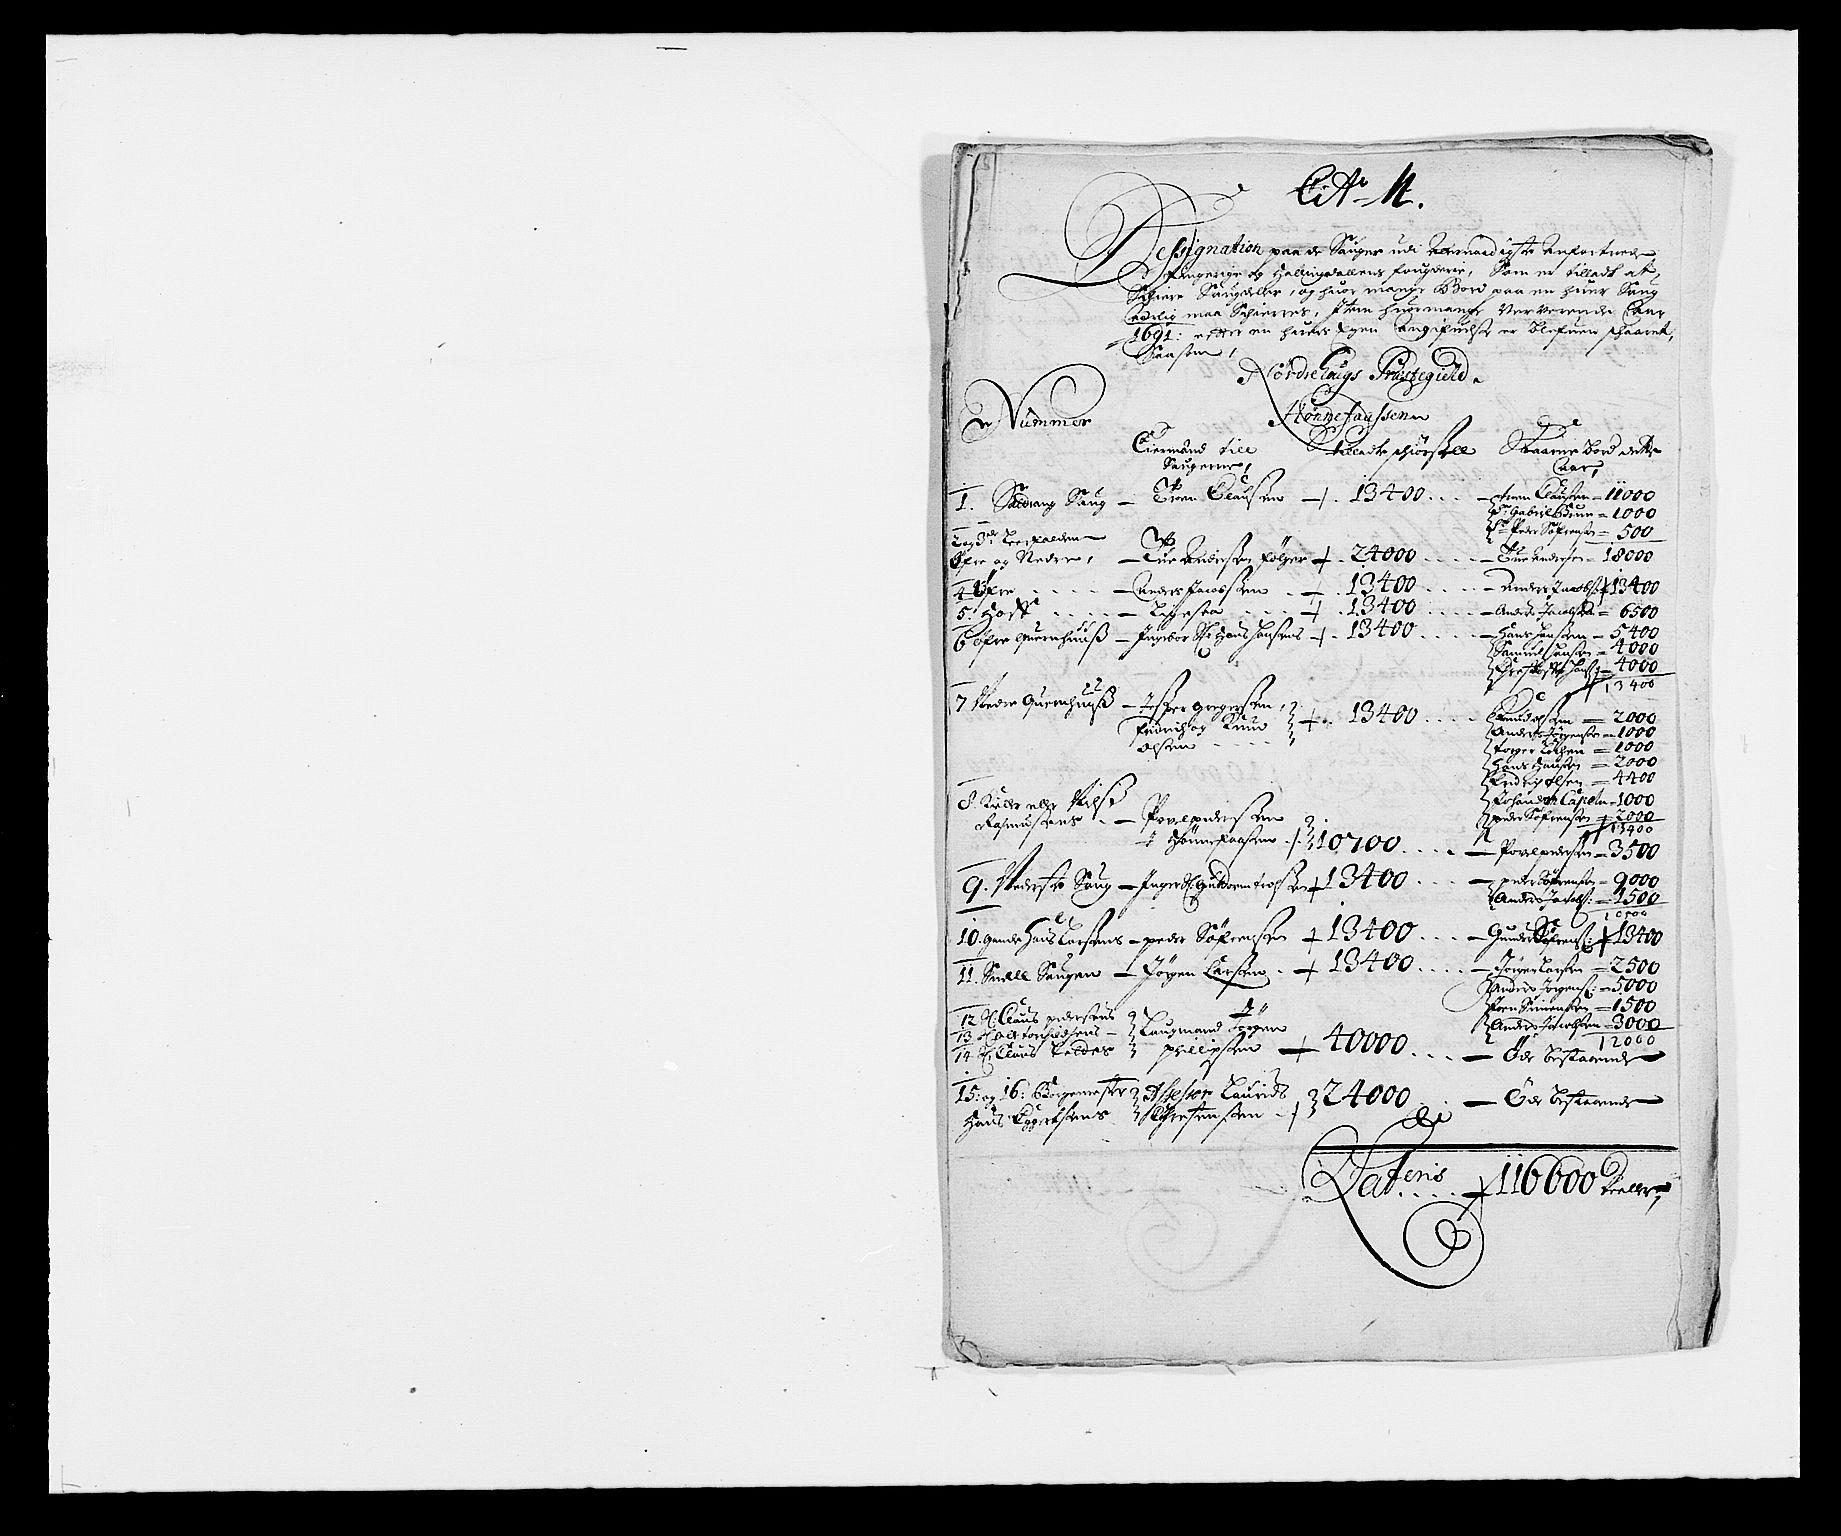 RA, Rentekammeret inntil 1814, Reviderte regnskaper, Fogderegnskap, R21/L1448: Fogderegnskap Ringerike og Hallingdal, 1690-1692, s. 279